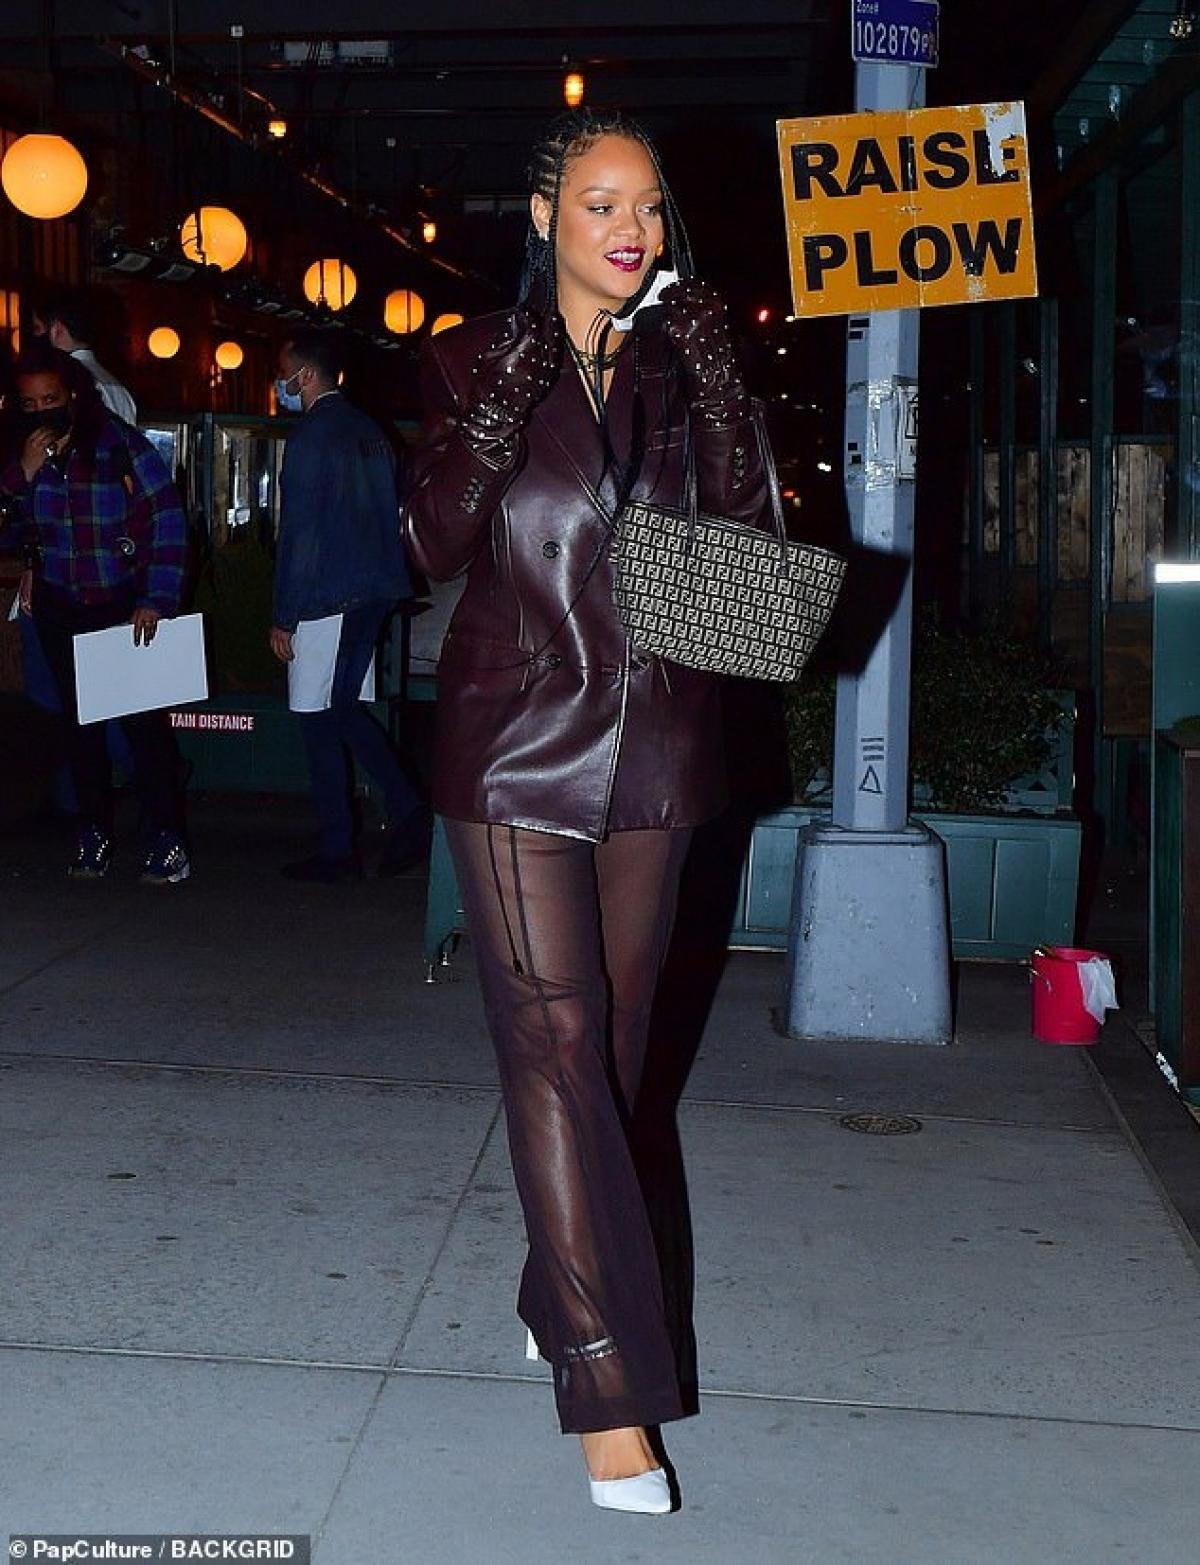 """Anh cũng được Rihanna giới thiệu trong ca khúc """"Cockiness""""./."""